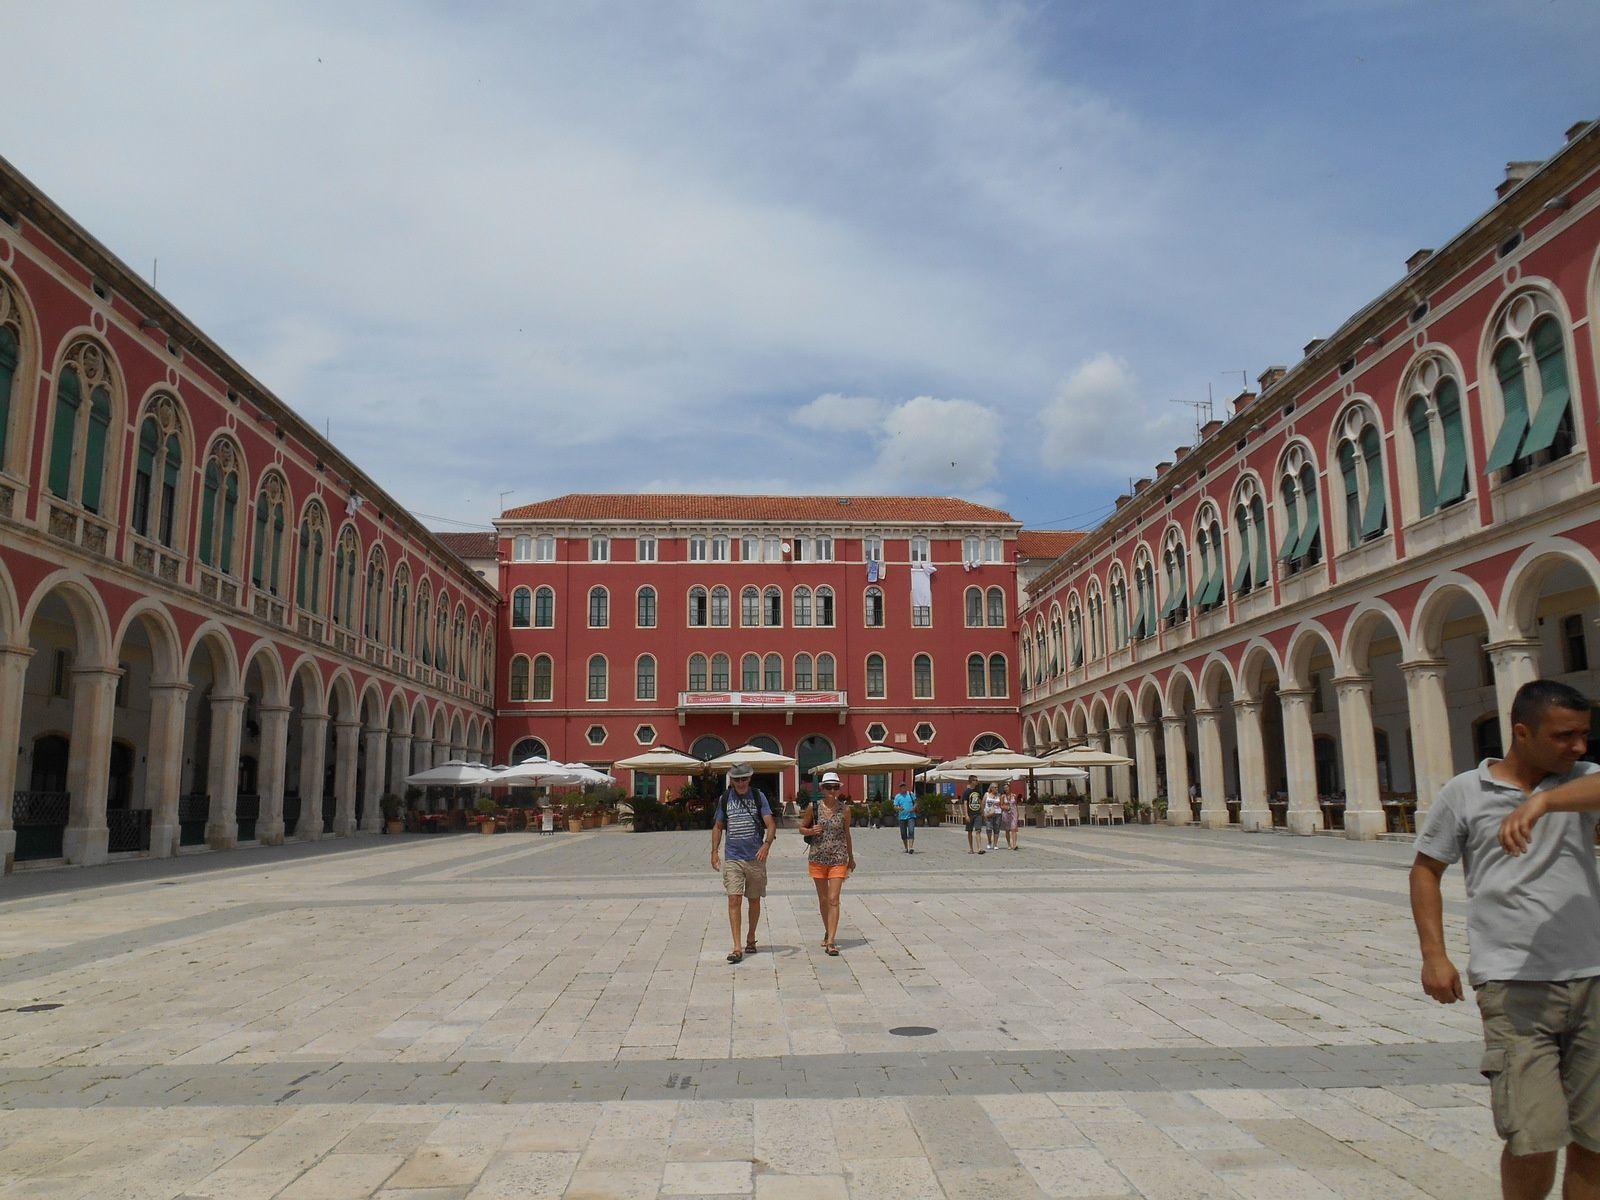 """La place de la République appelée aussi """"Procuriales"""" pour ses édifices à arcades. Elle a été concue pour imiter la place Saint-Marc de Venise."""